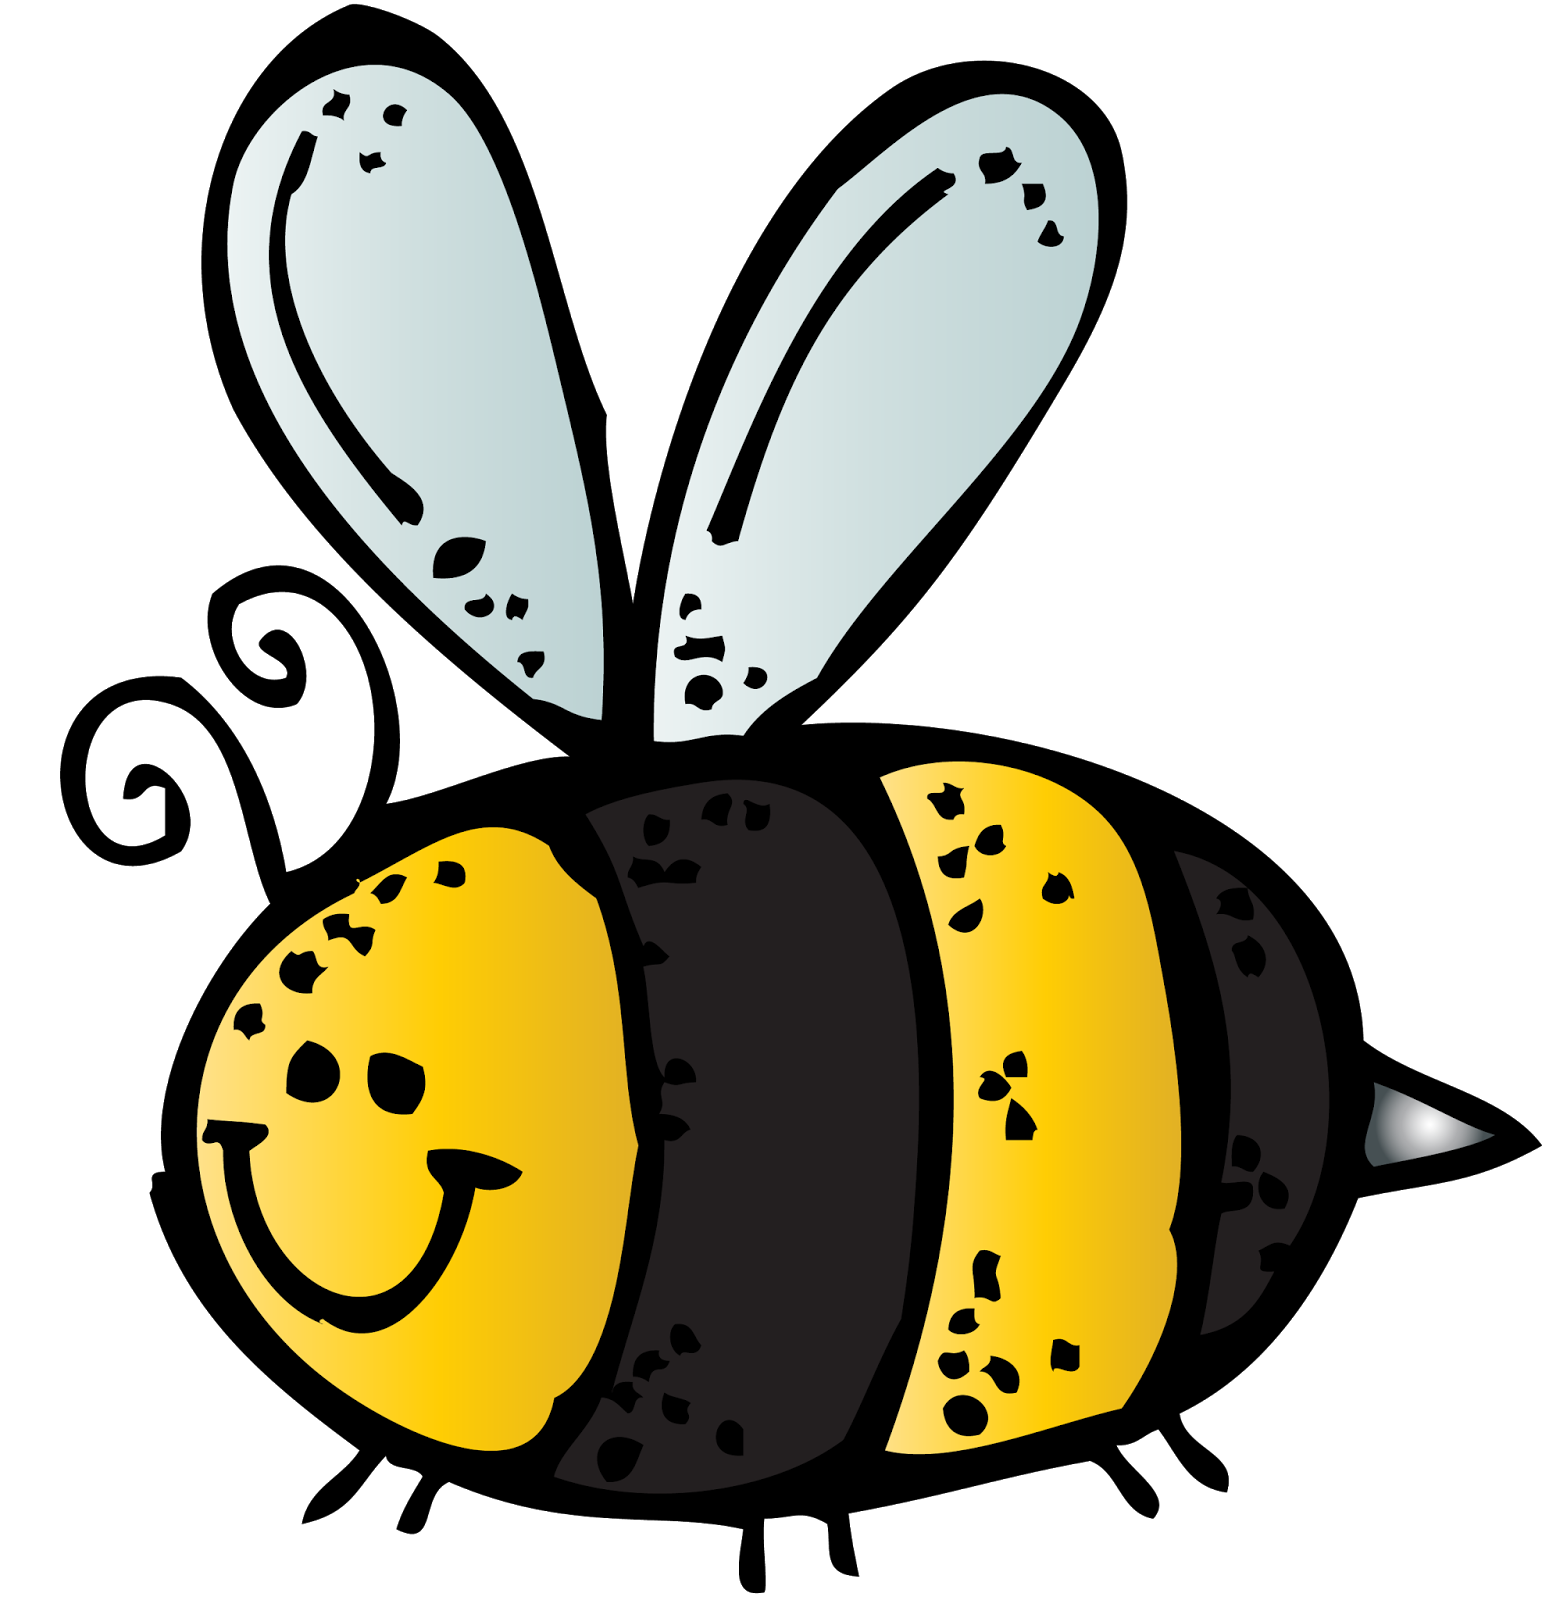 Bugs clipart melonheadz Freebies Google  B De